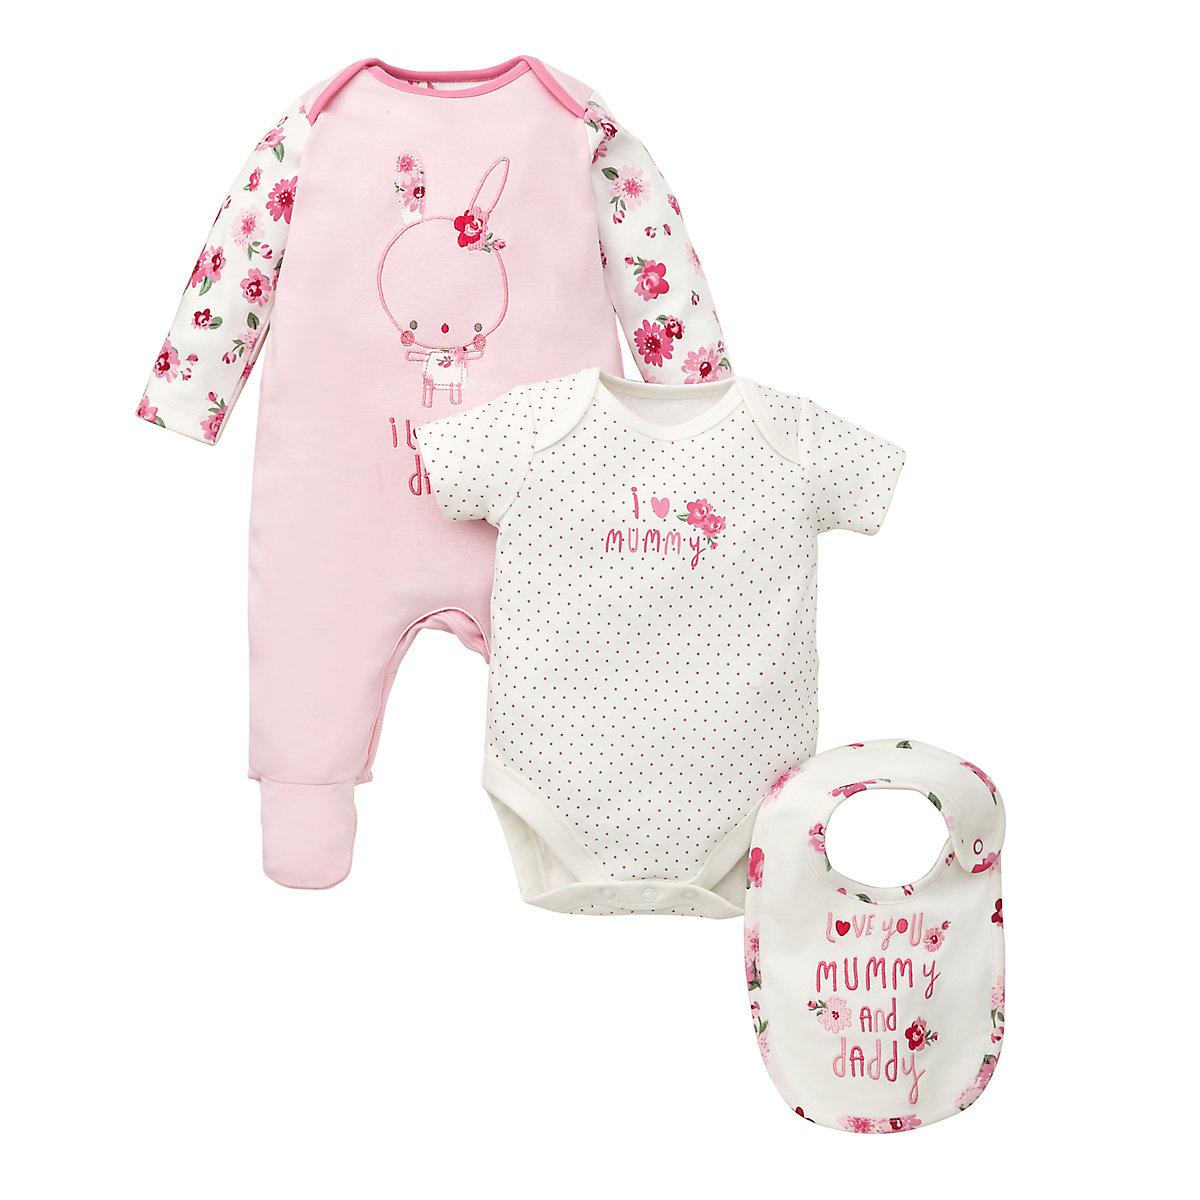 Mummy and Daddy Sleepsuit. Bodysuit and Bib Set - 3 Piece